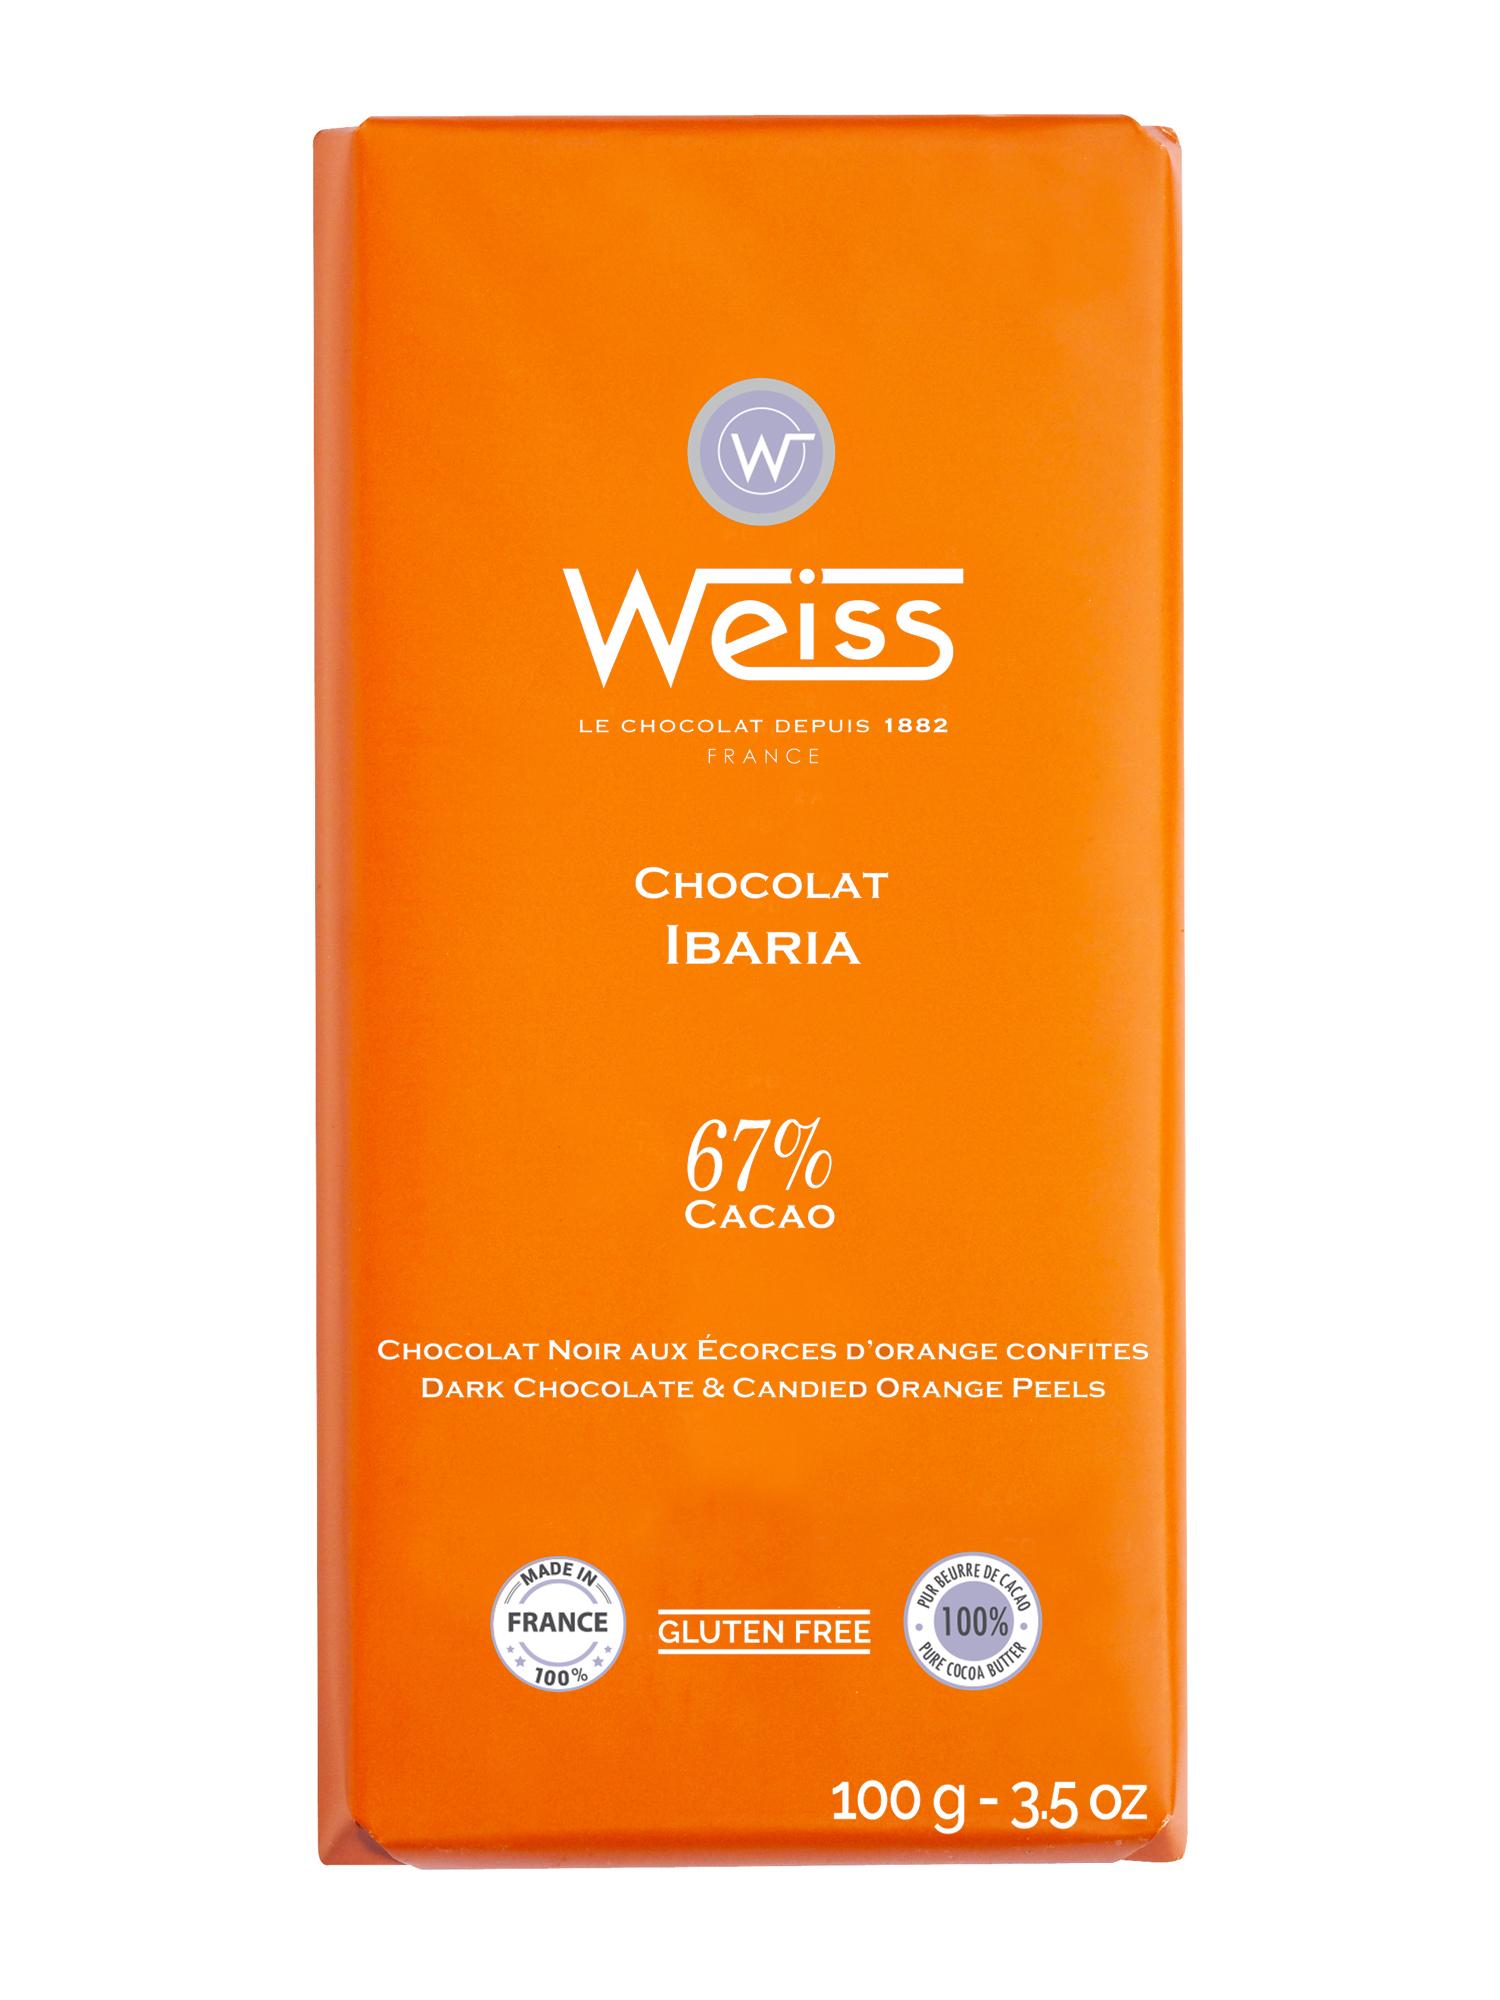 Tablette Ibaria chocolat noir aux écorces d'orange confites 67% de cacao, Weiss (100 g)